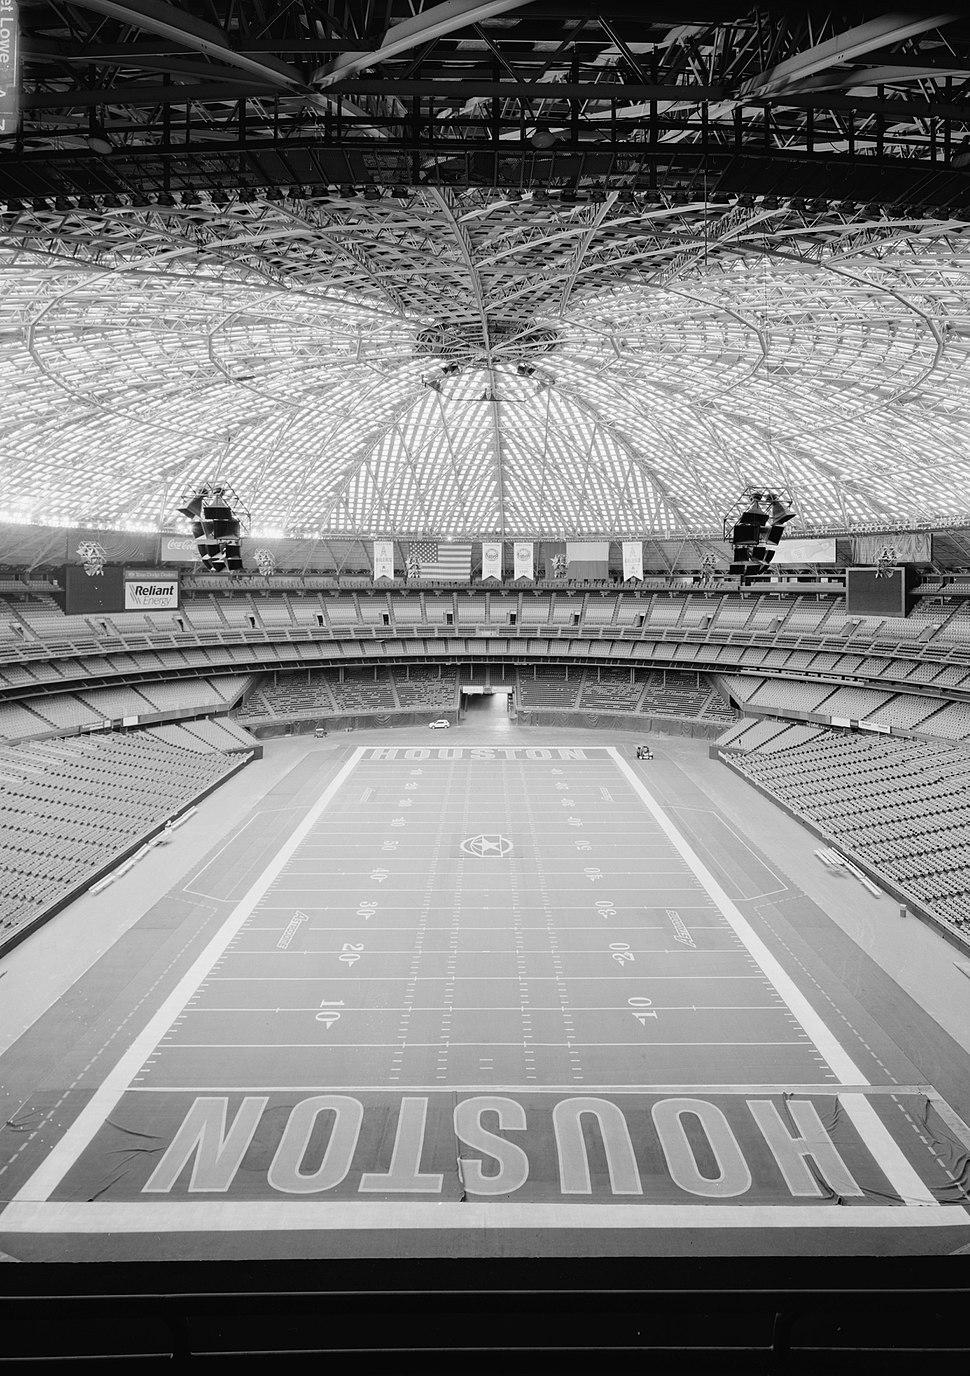 Astrodome interior 2004